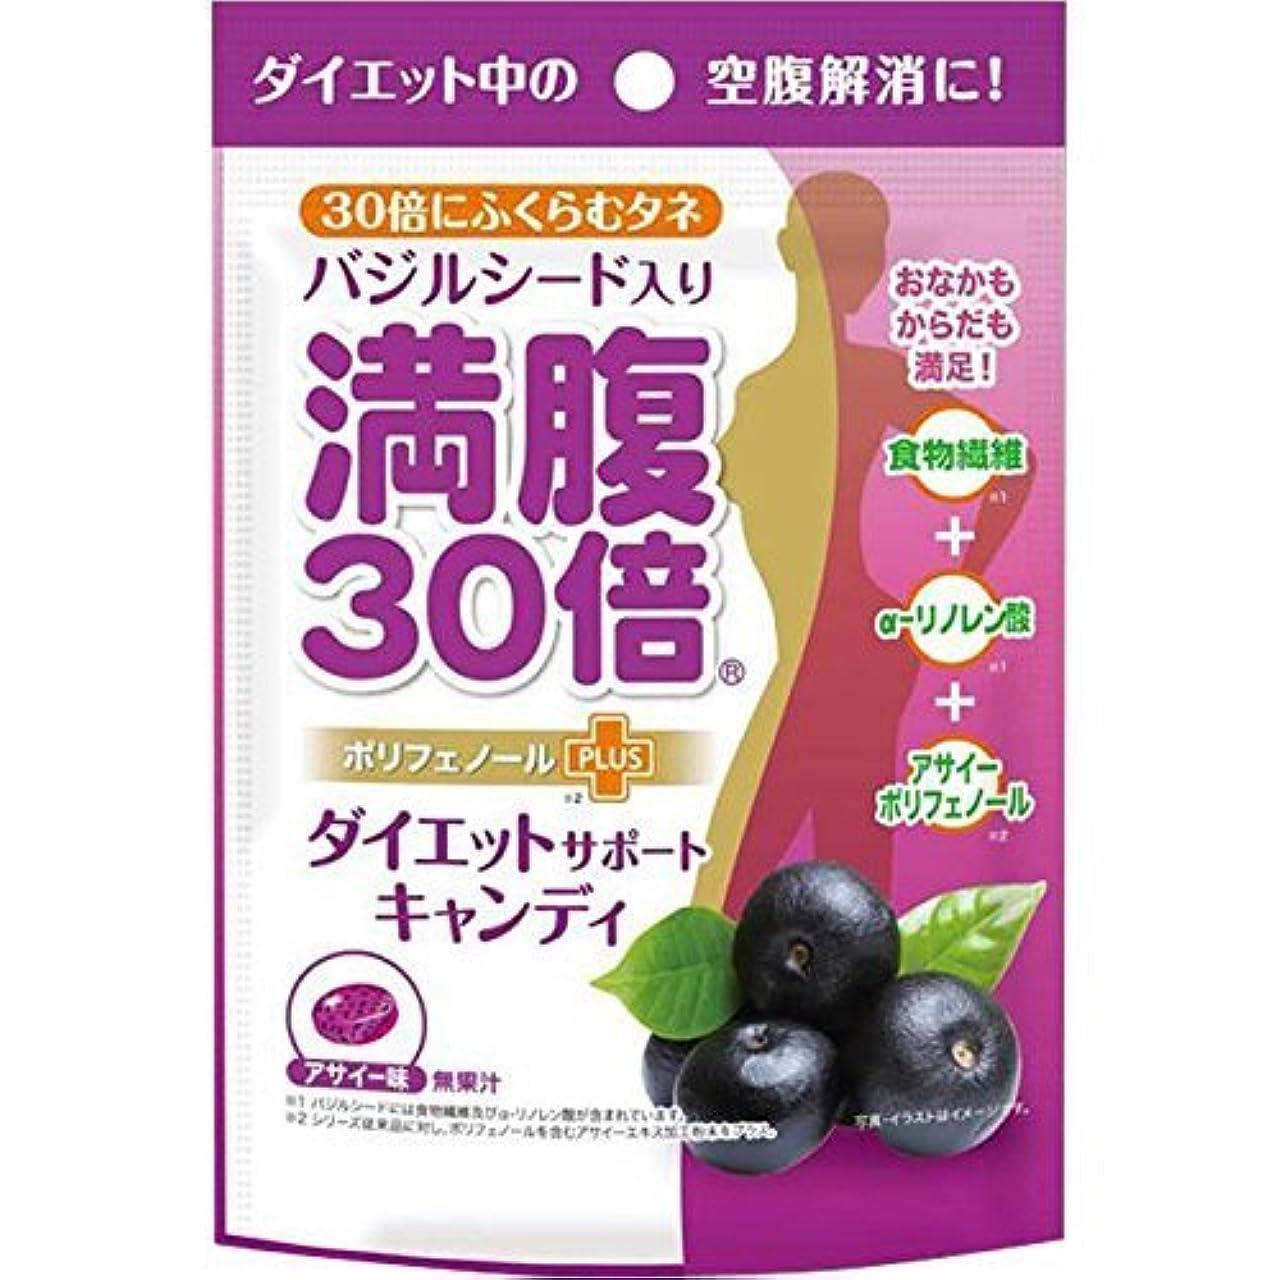 香水荒涼とした鬼ごっこグラフィコ 満腹30倍 ダイエットサポートキャンディ アサイー42g×3